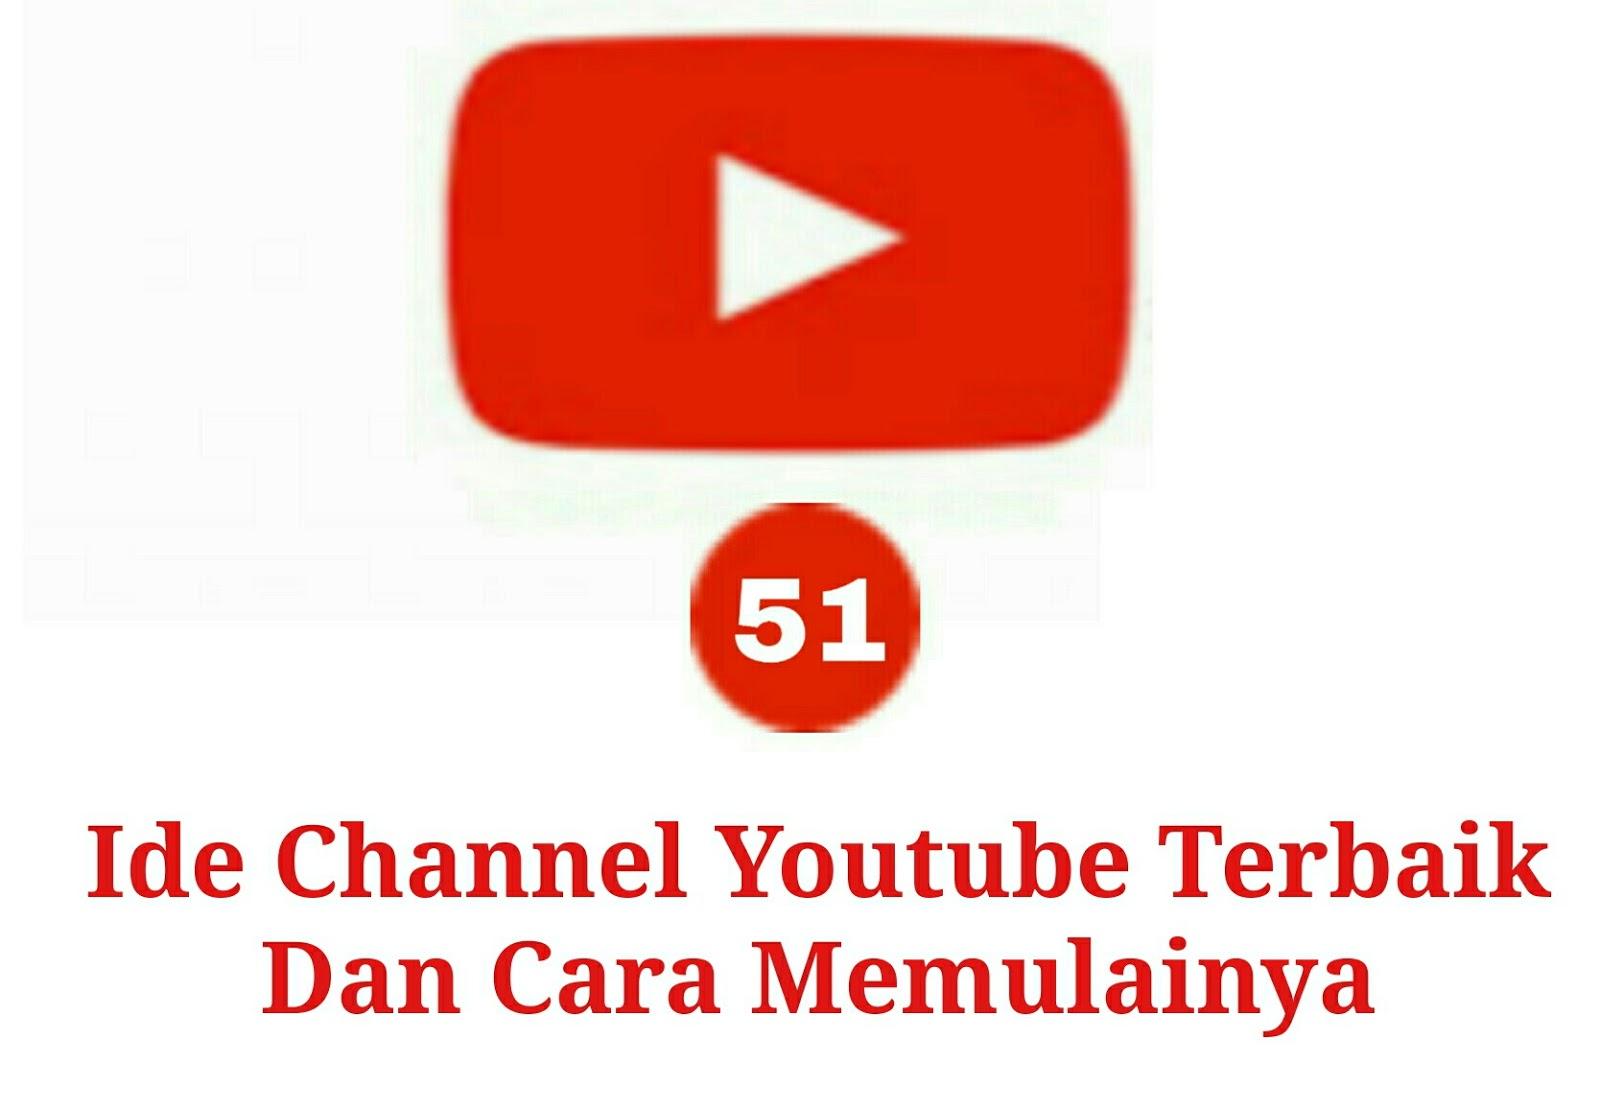 51 Ide Channel Youtube Terbaik Dan Cara Memulainya Hello World